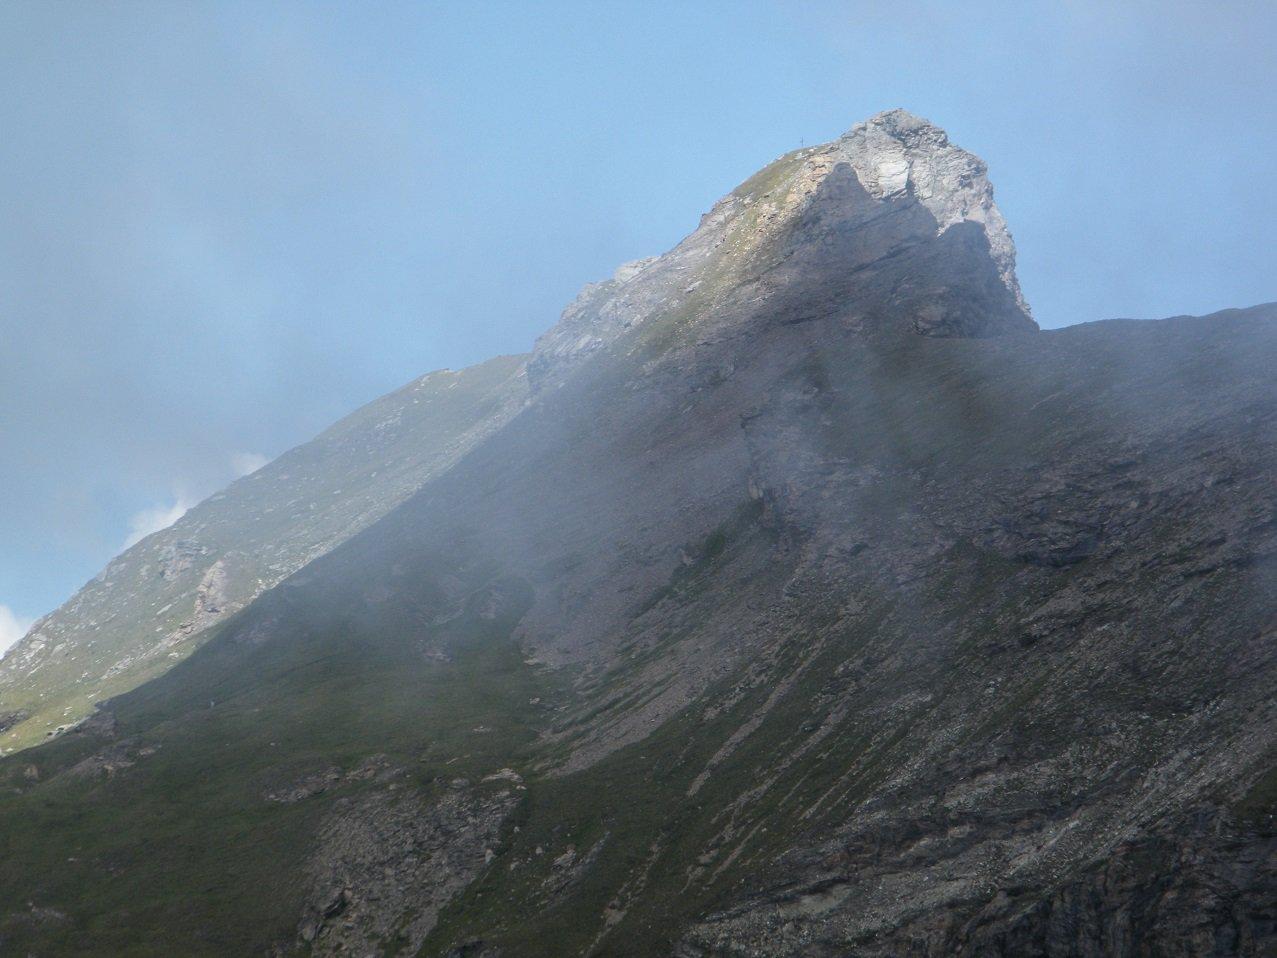 Il Corno Bussola (zoomato) visto dallo stesso punto.